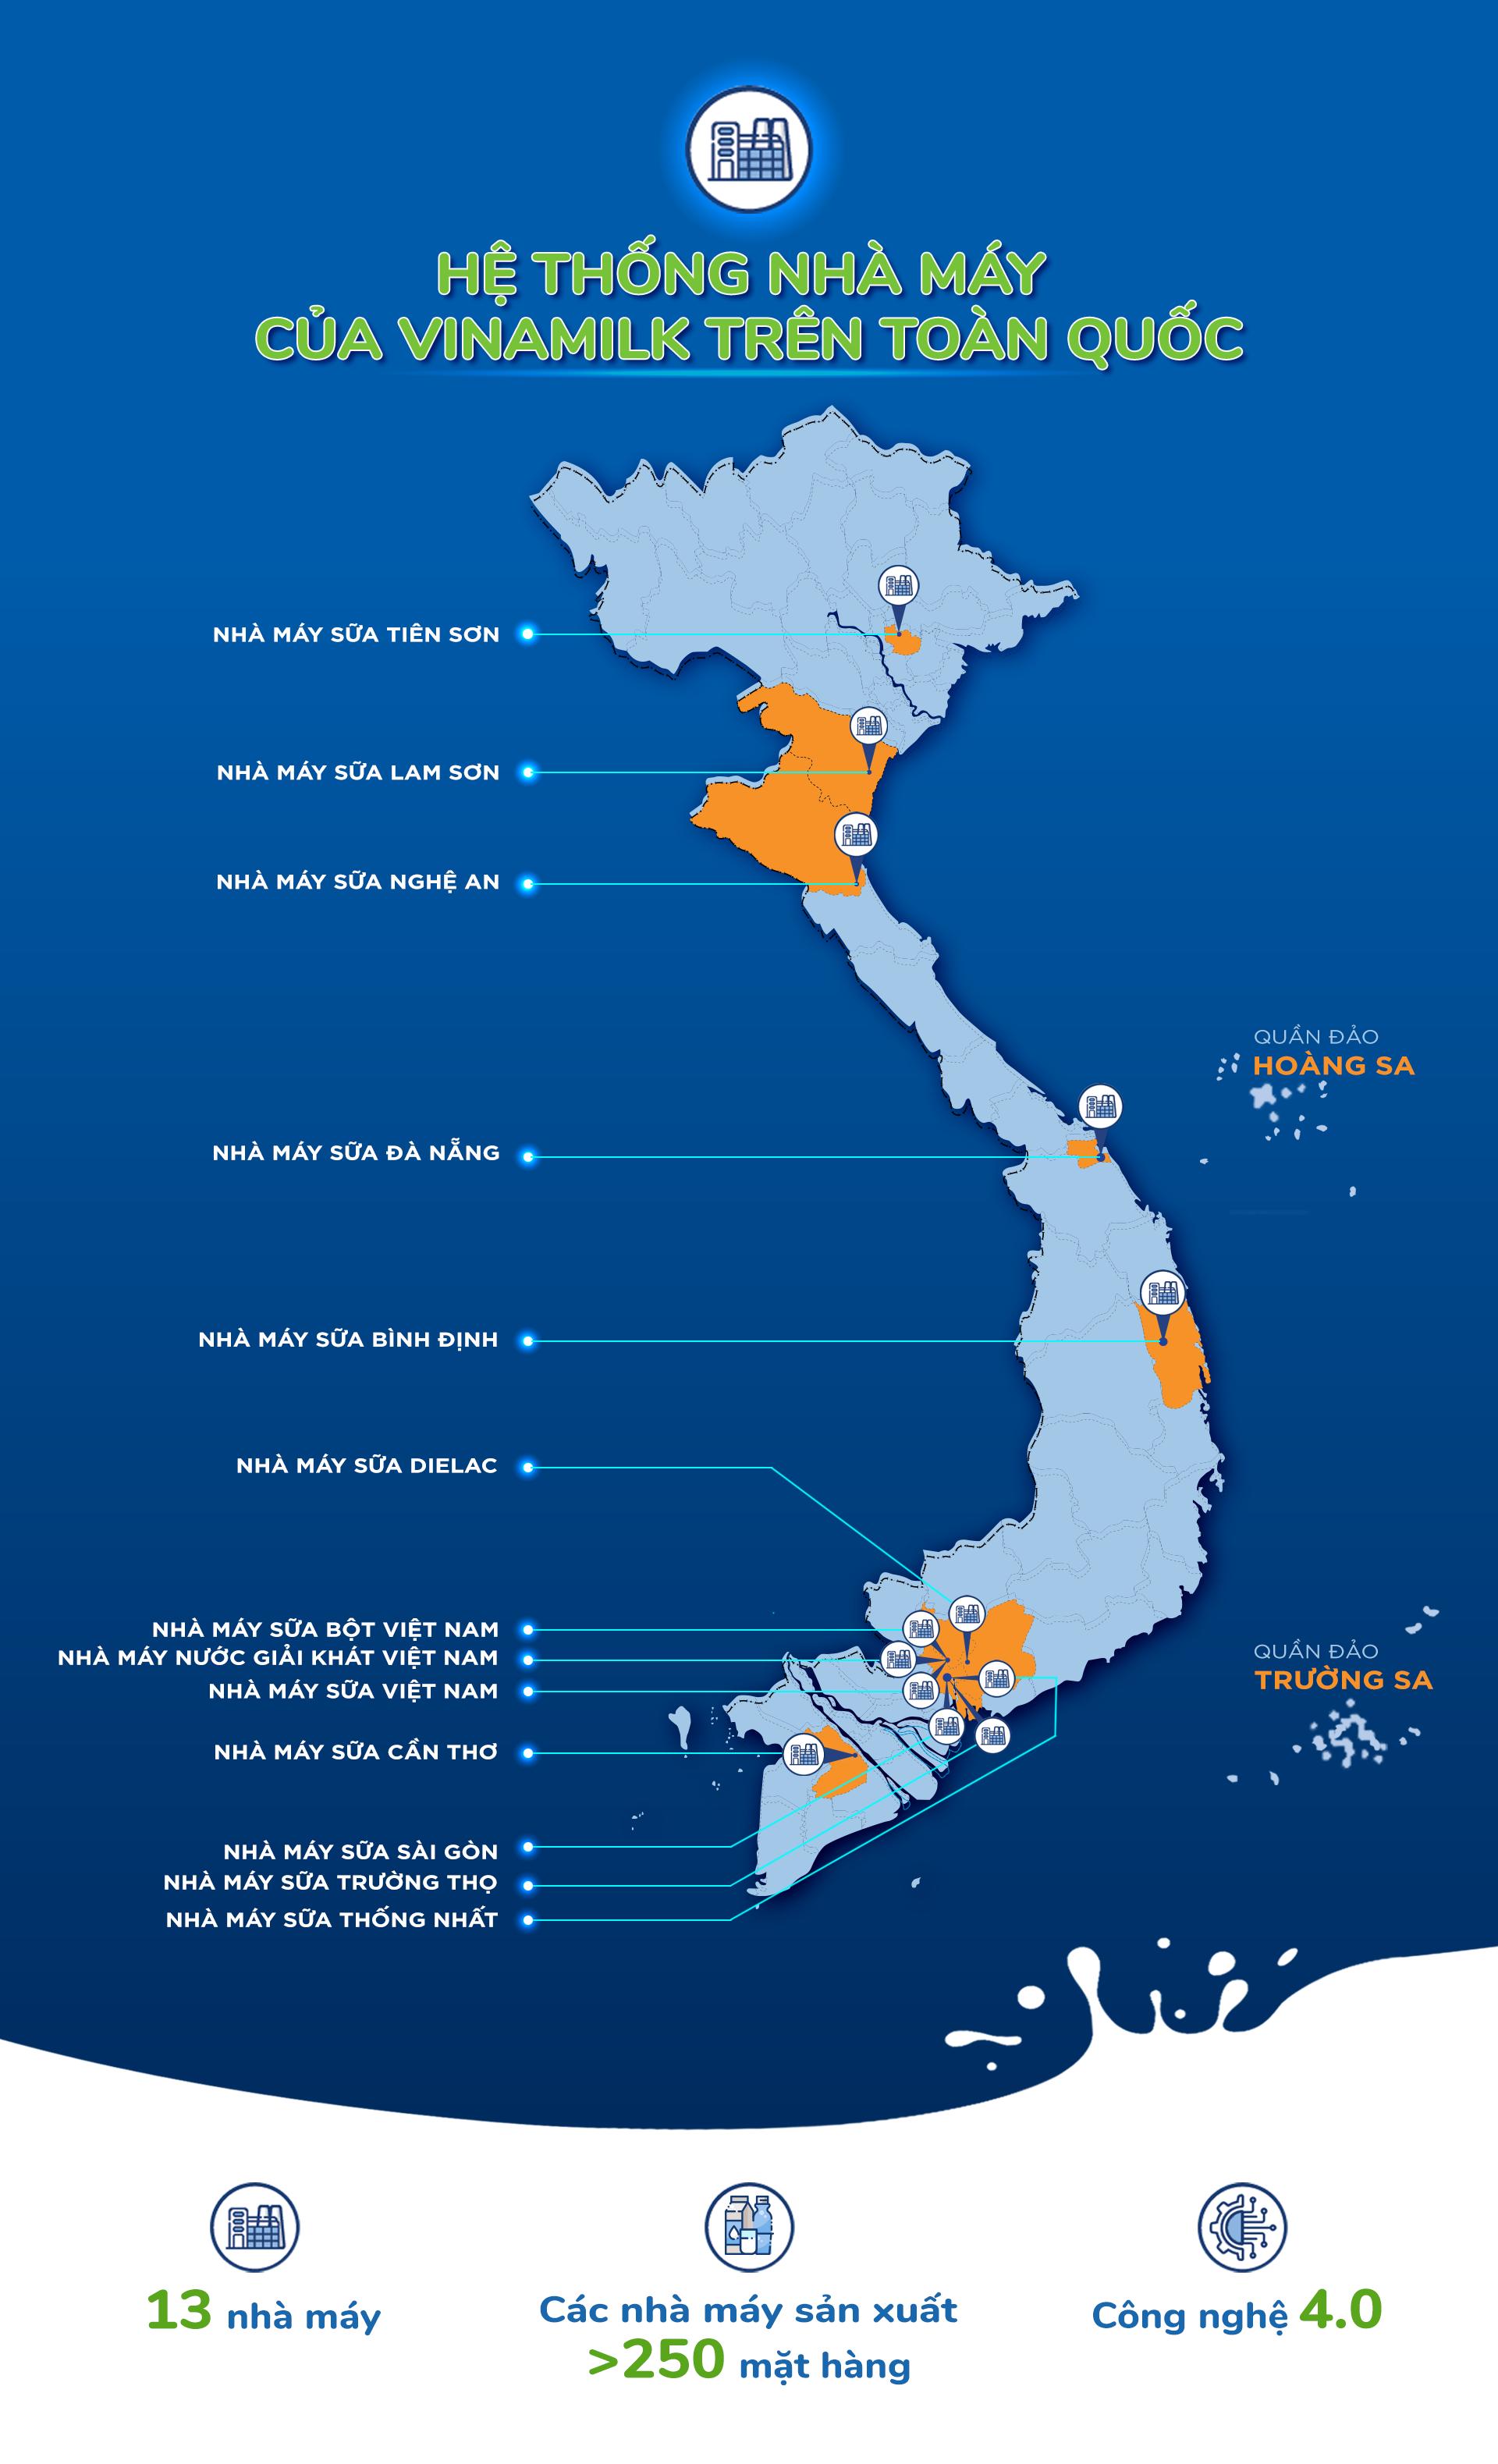 Với 13 nhà máy hiện đại, Vinamilk hiện có thể sản xuất hơn 28 triệu hộp sữa nước mỗi ngày - Ảnh 2